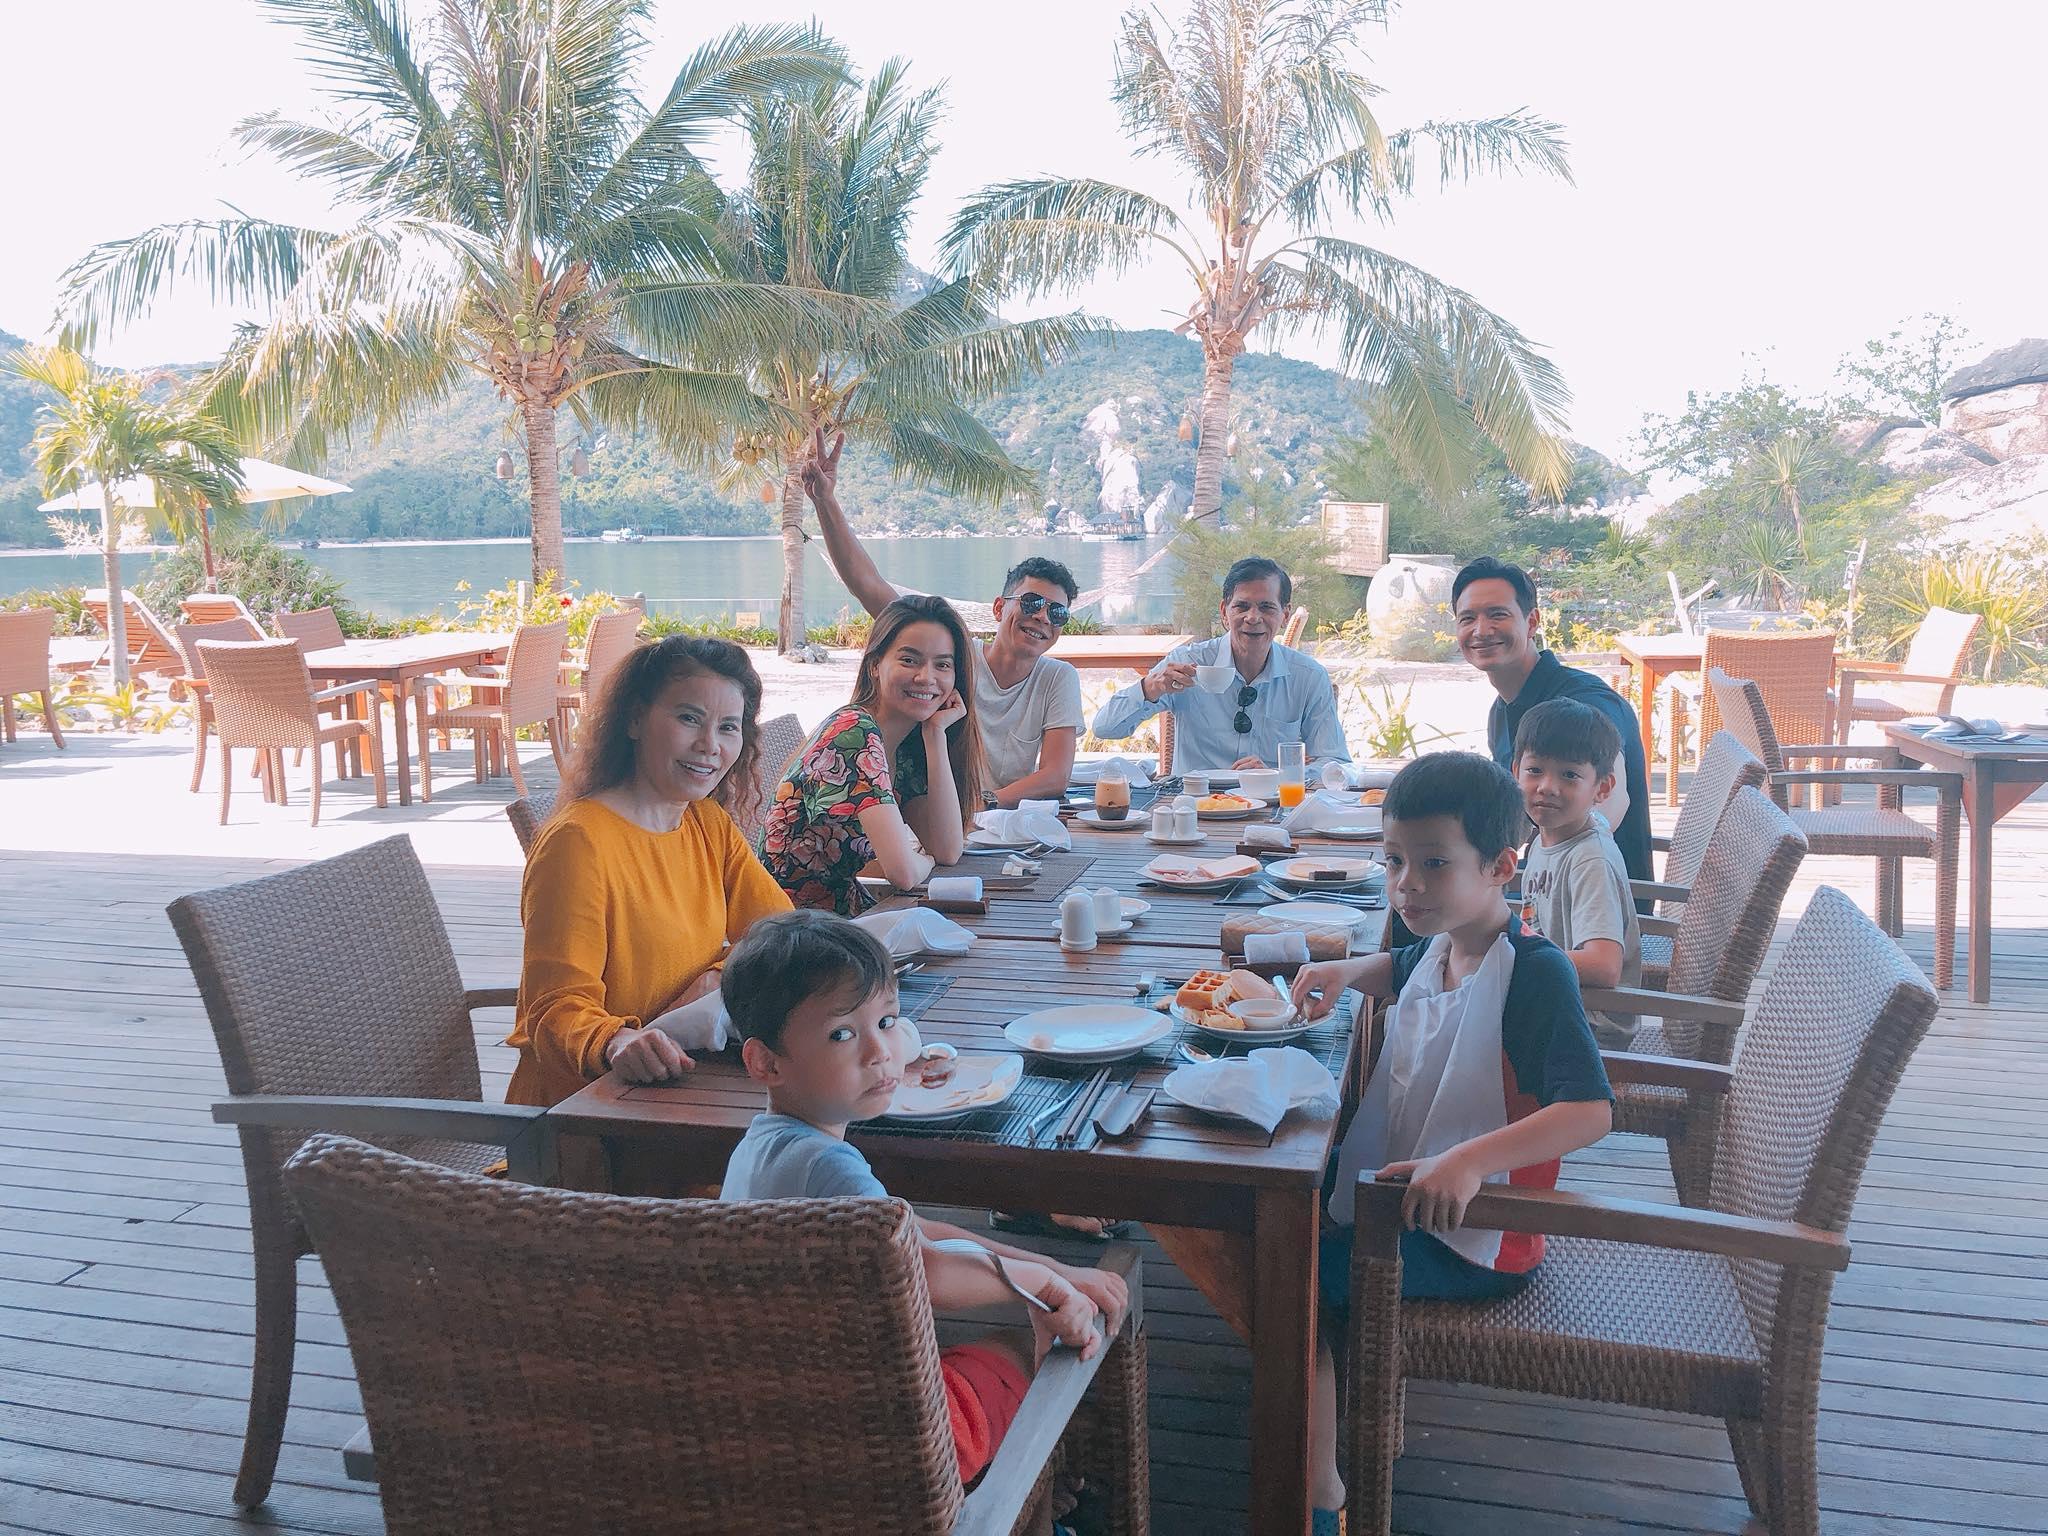 Kim Lý đi nghỉ dưỡng cùng gia đình Hồ Ngọc Hà tại Nha Trang